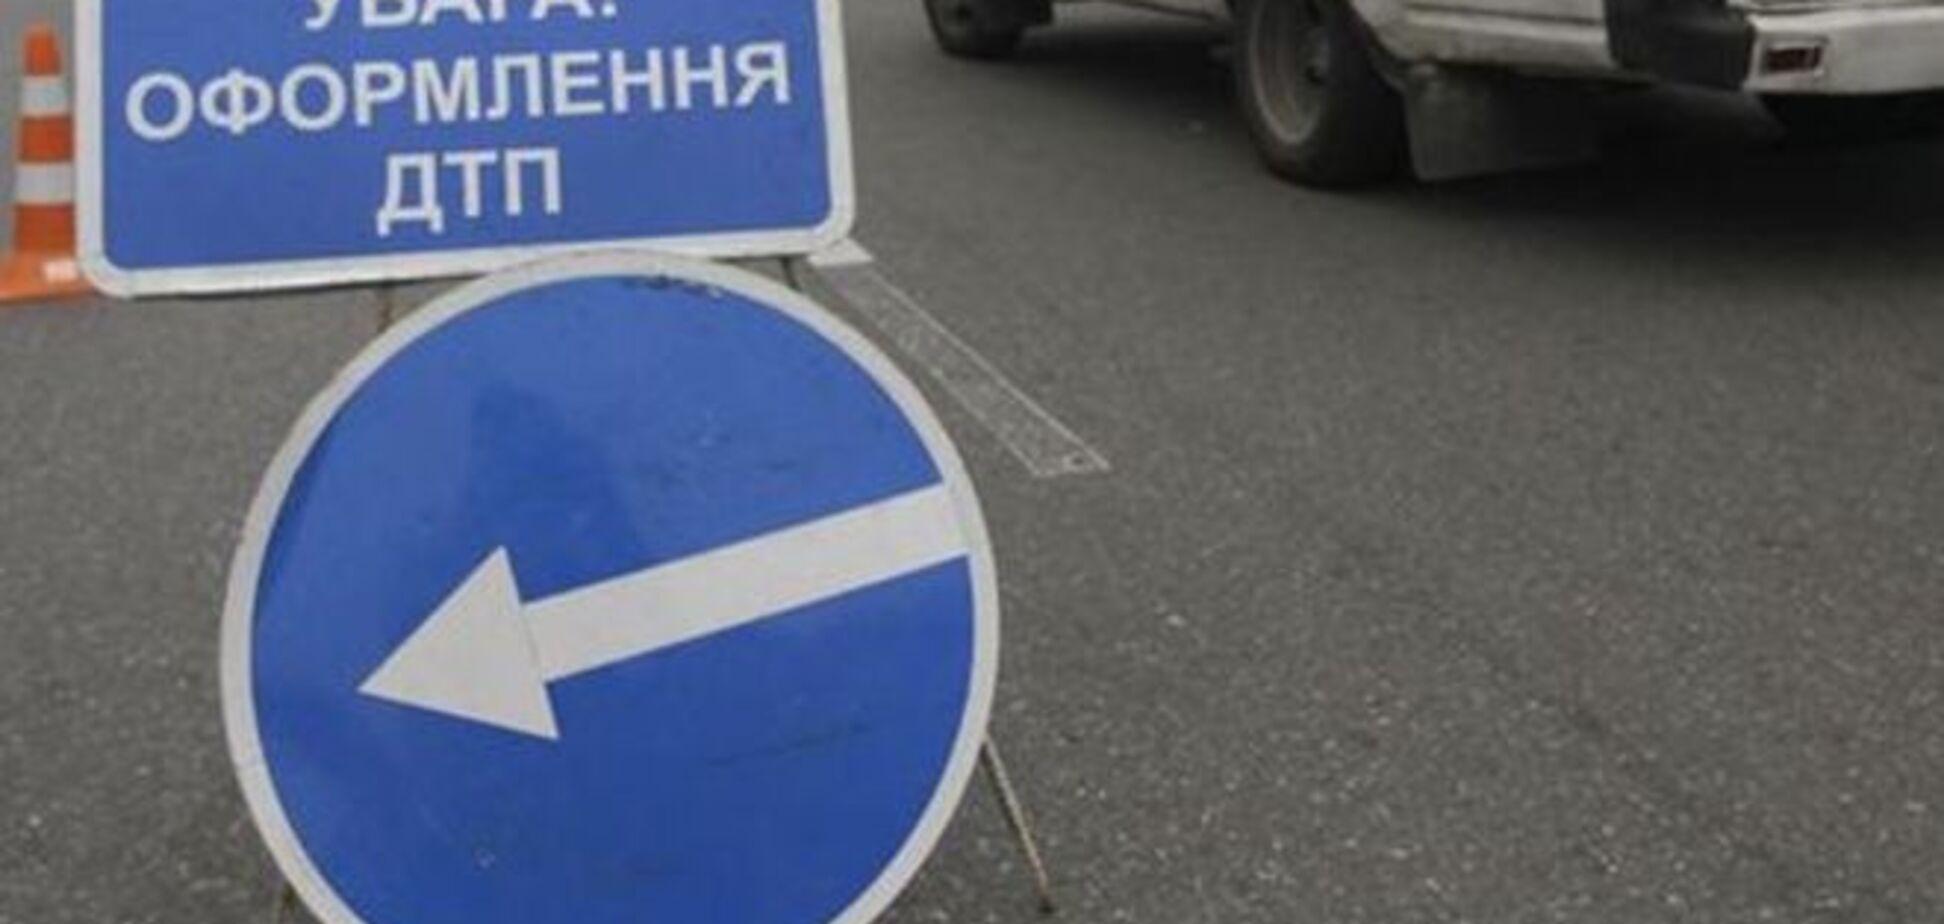 В Киеве водитель-мажор сбил 10-летнюю девочку и скрылся